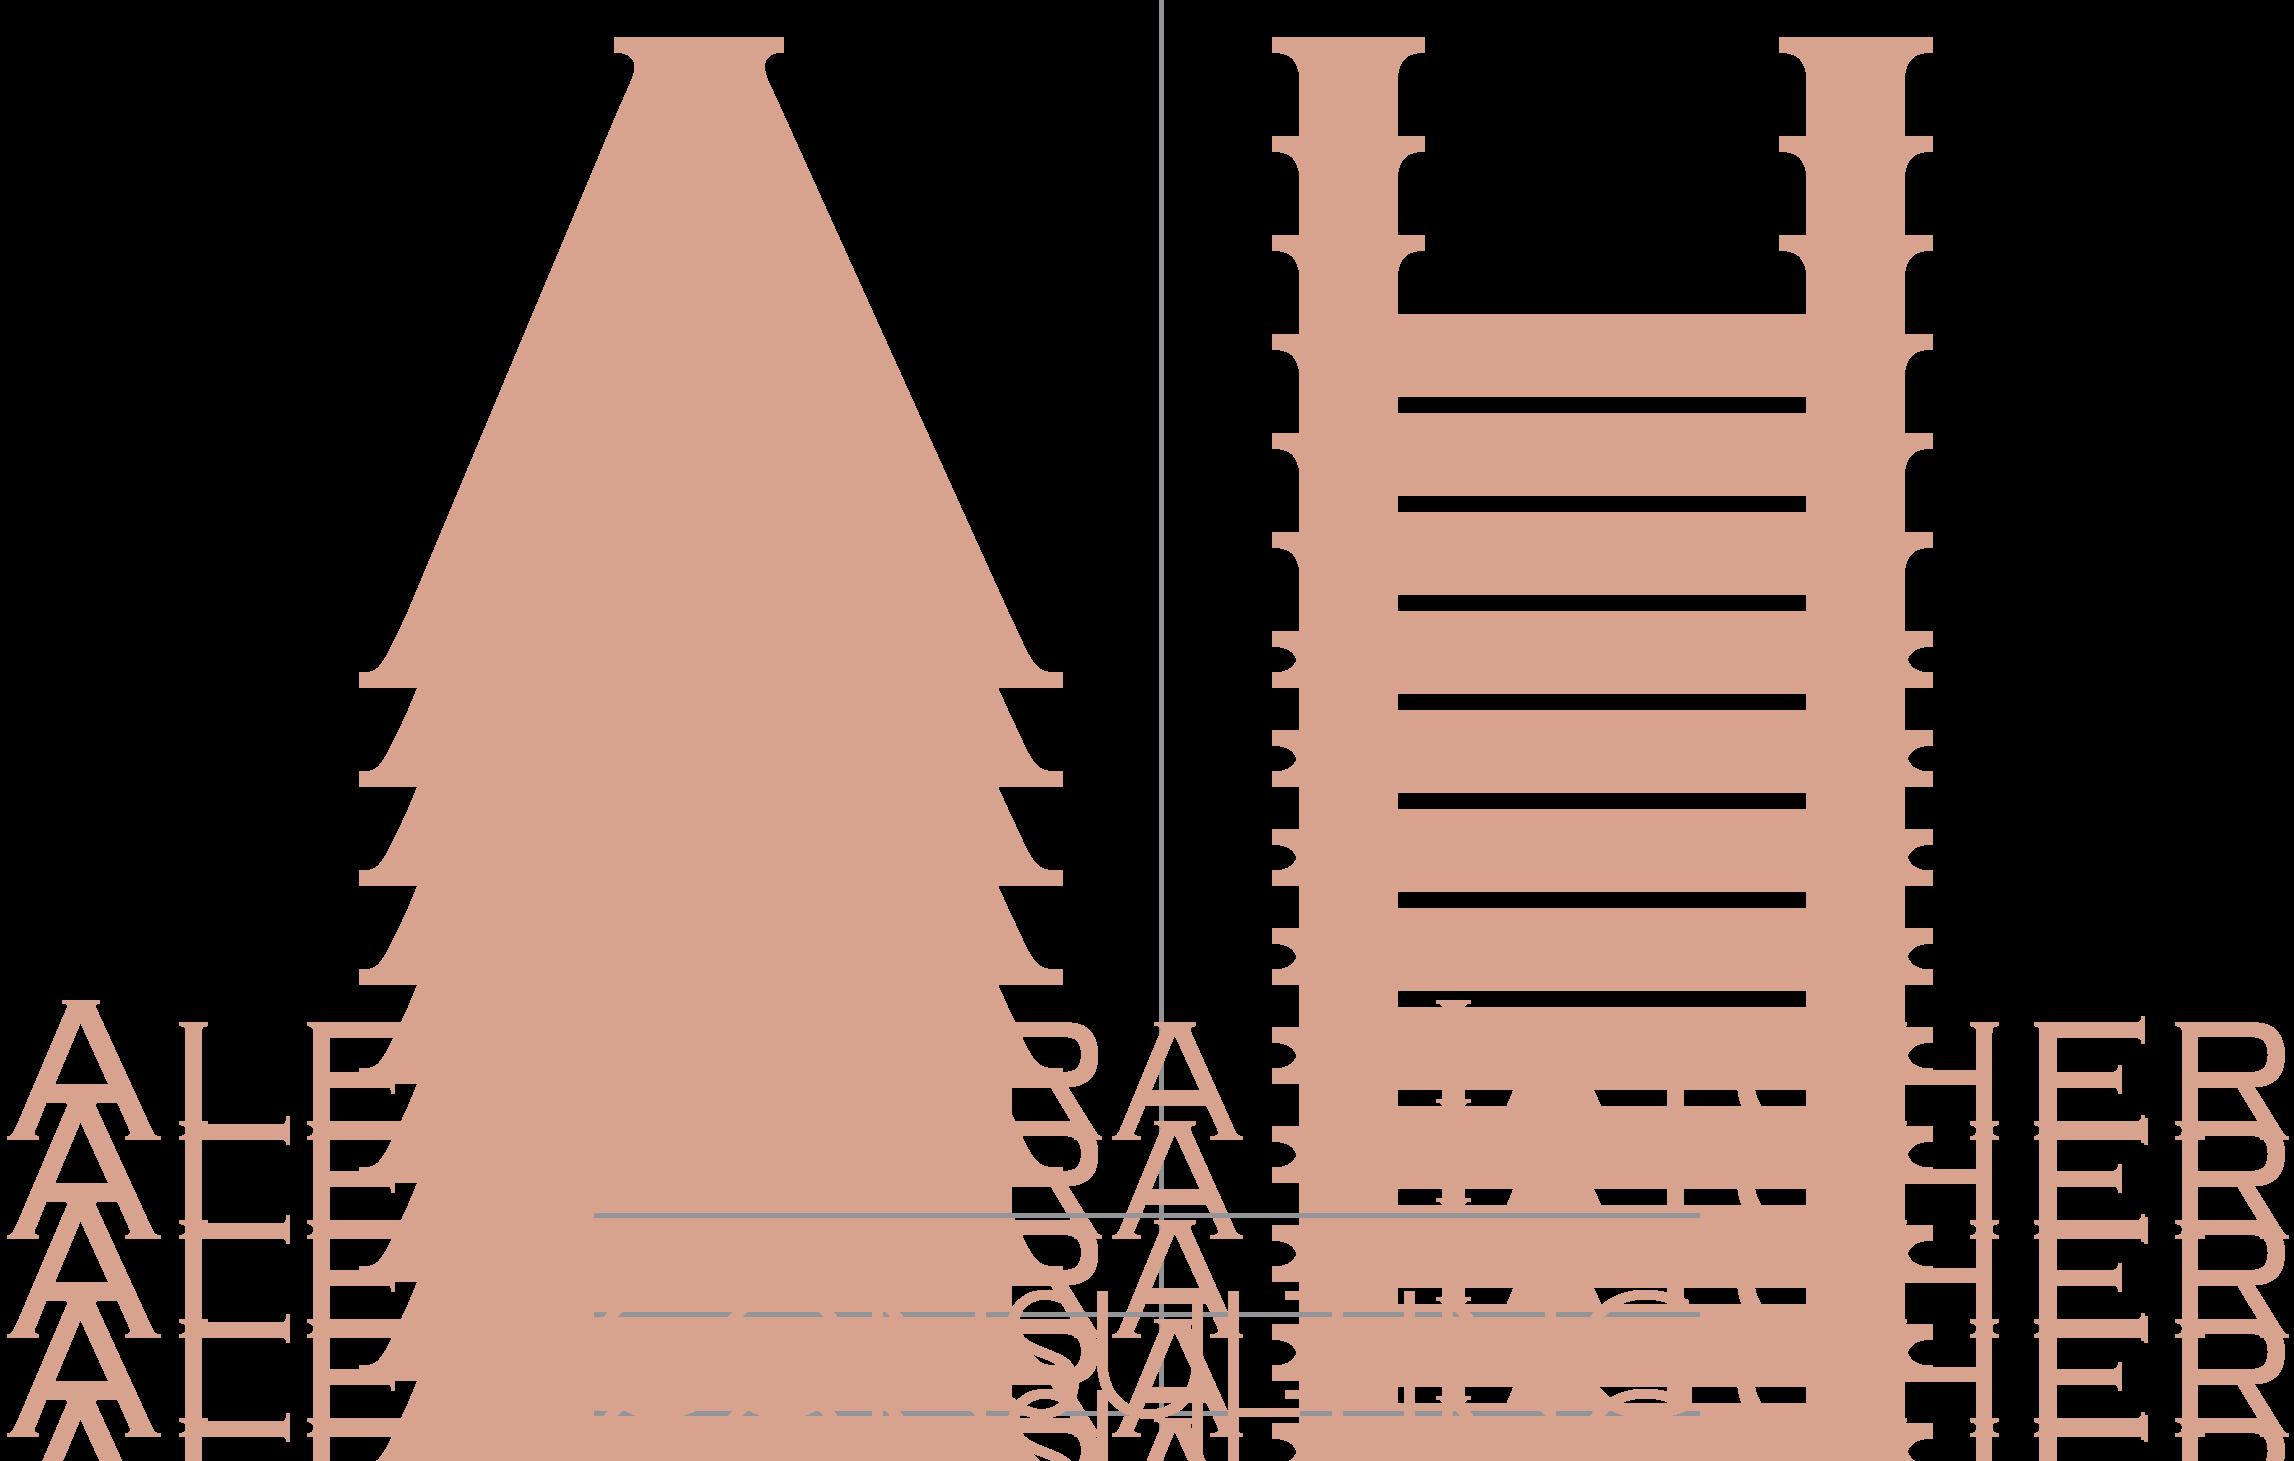 Alexandra Hatcher